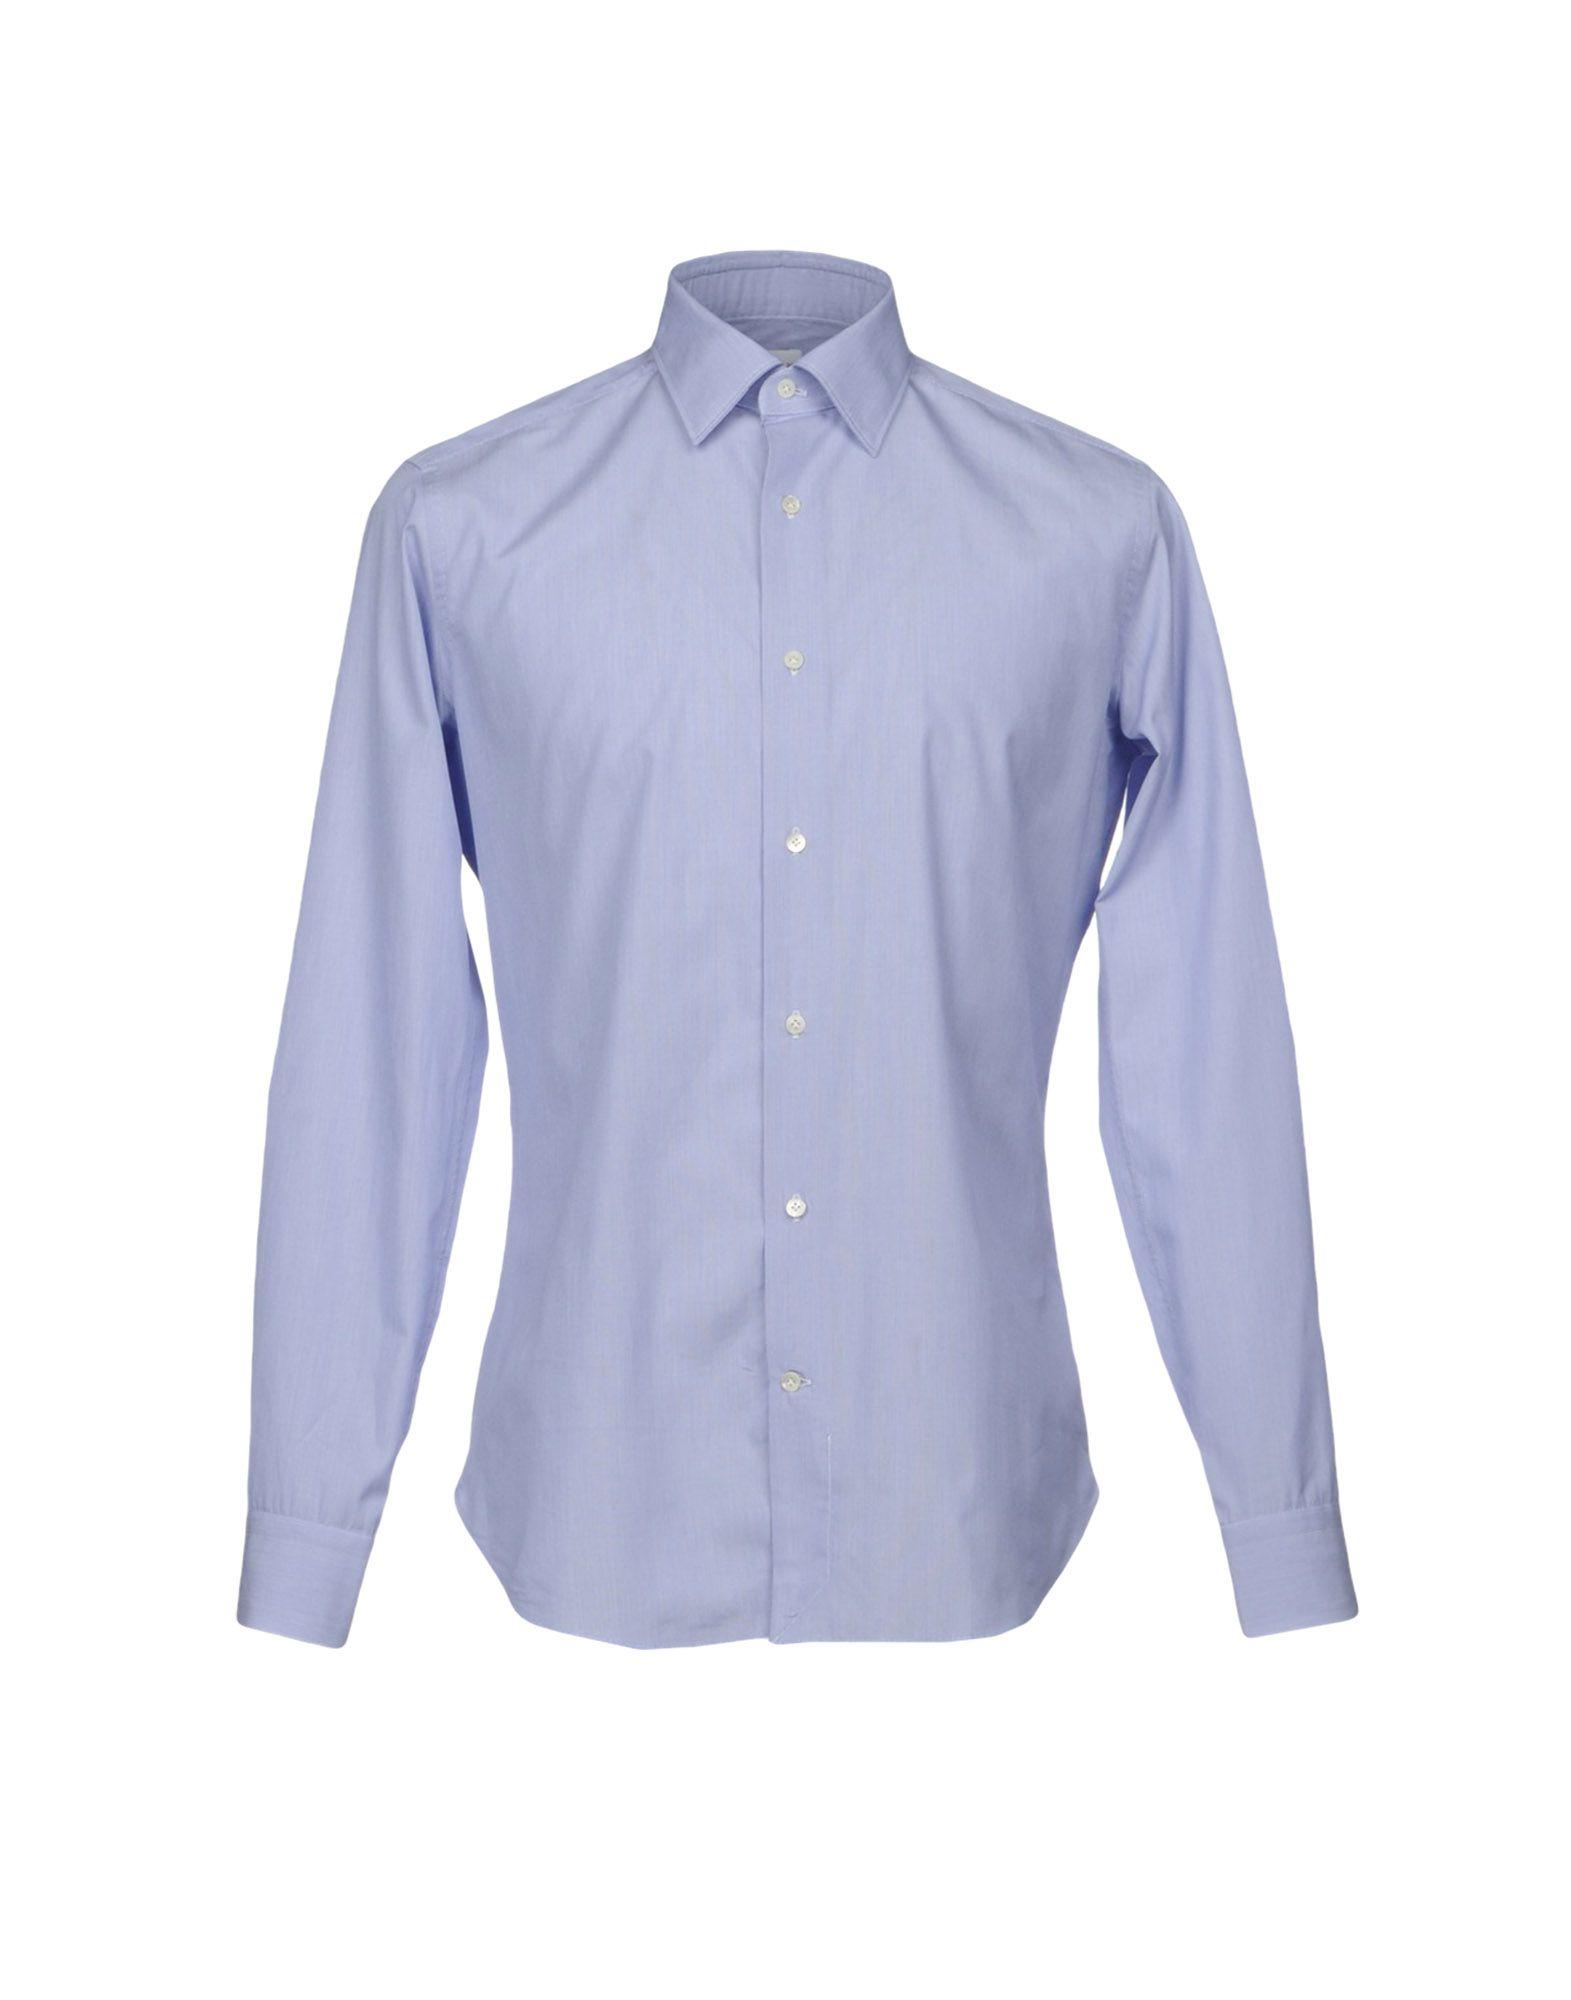 TRUZZI Herren Hemd Farbe Blau Größe 5